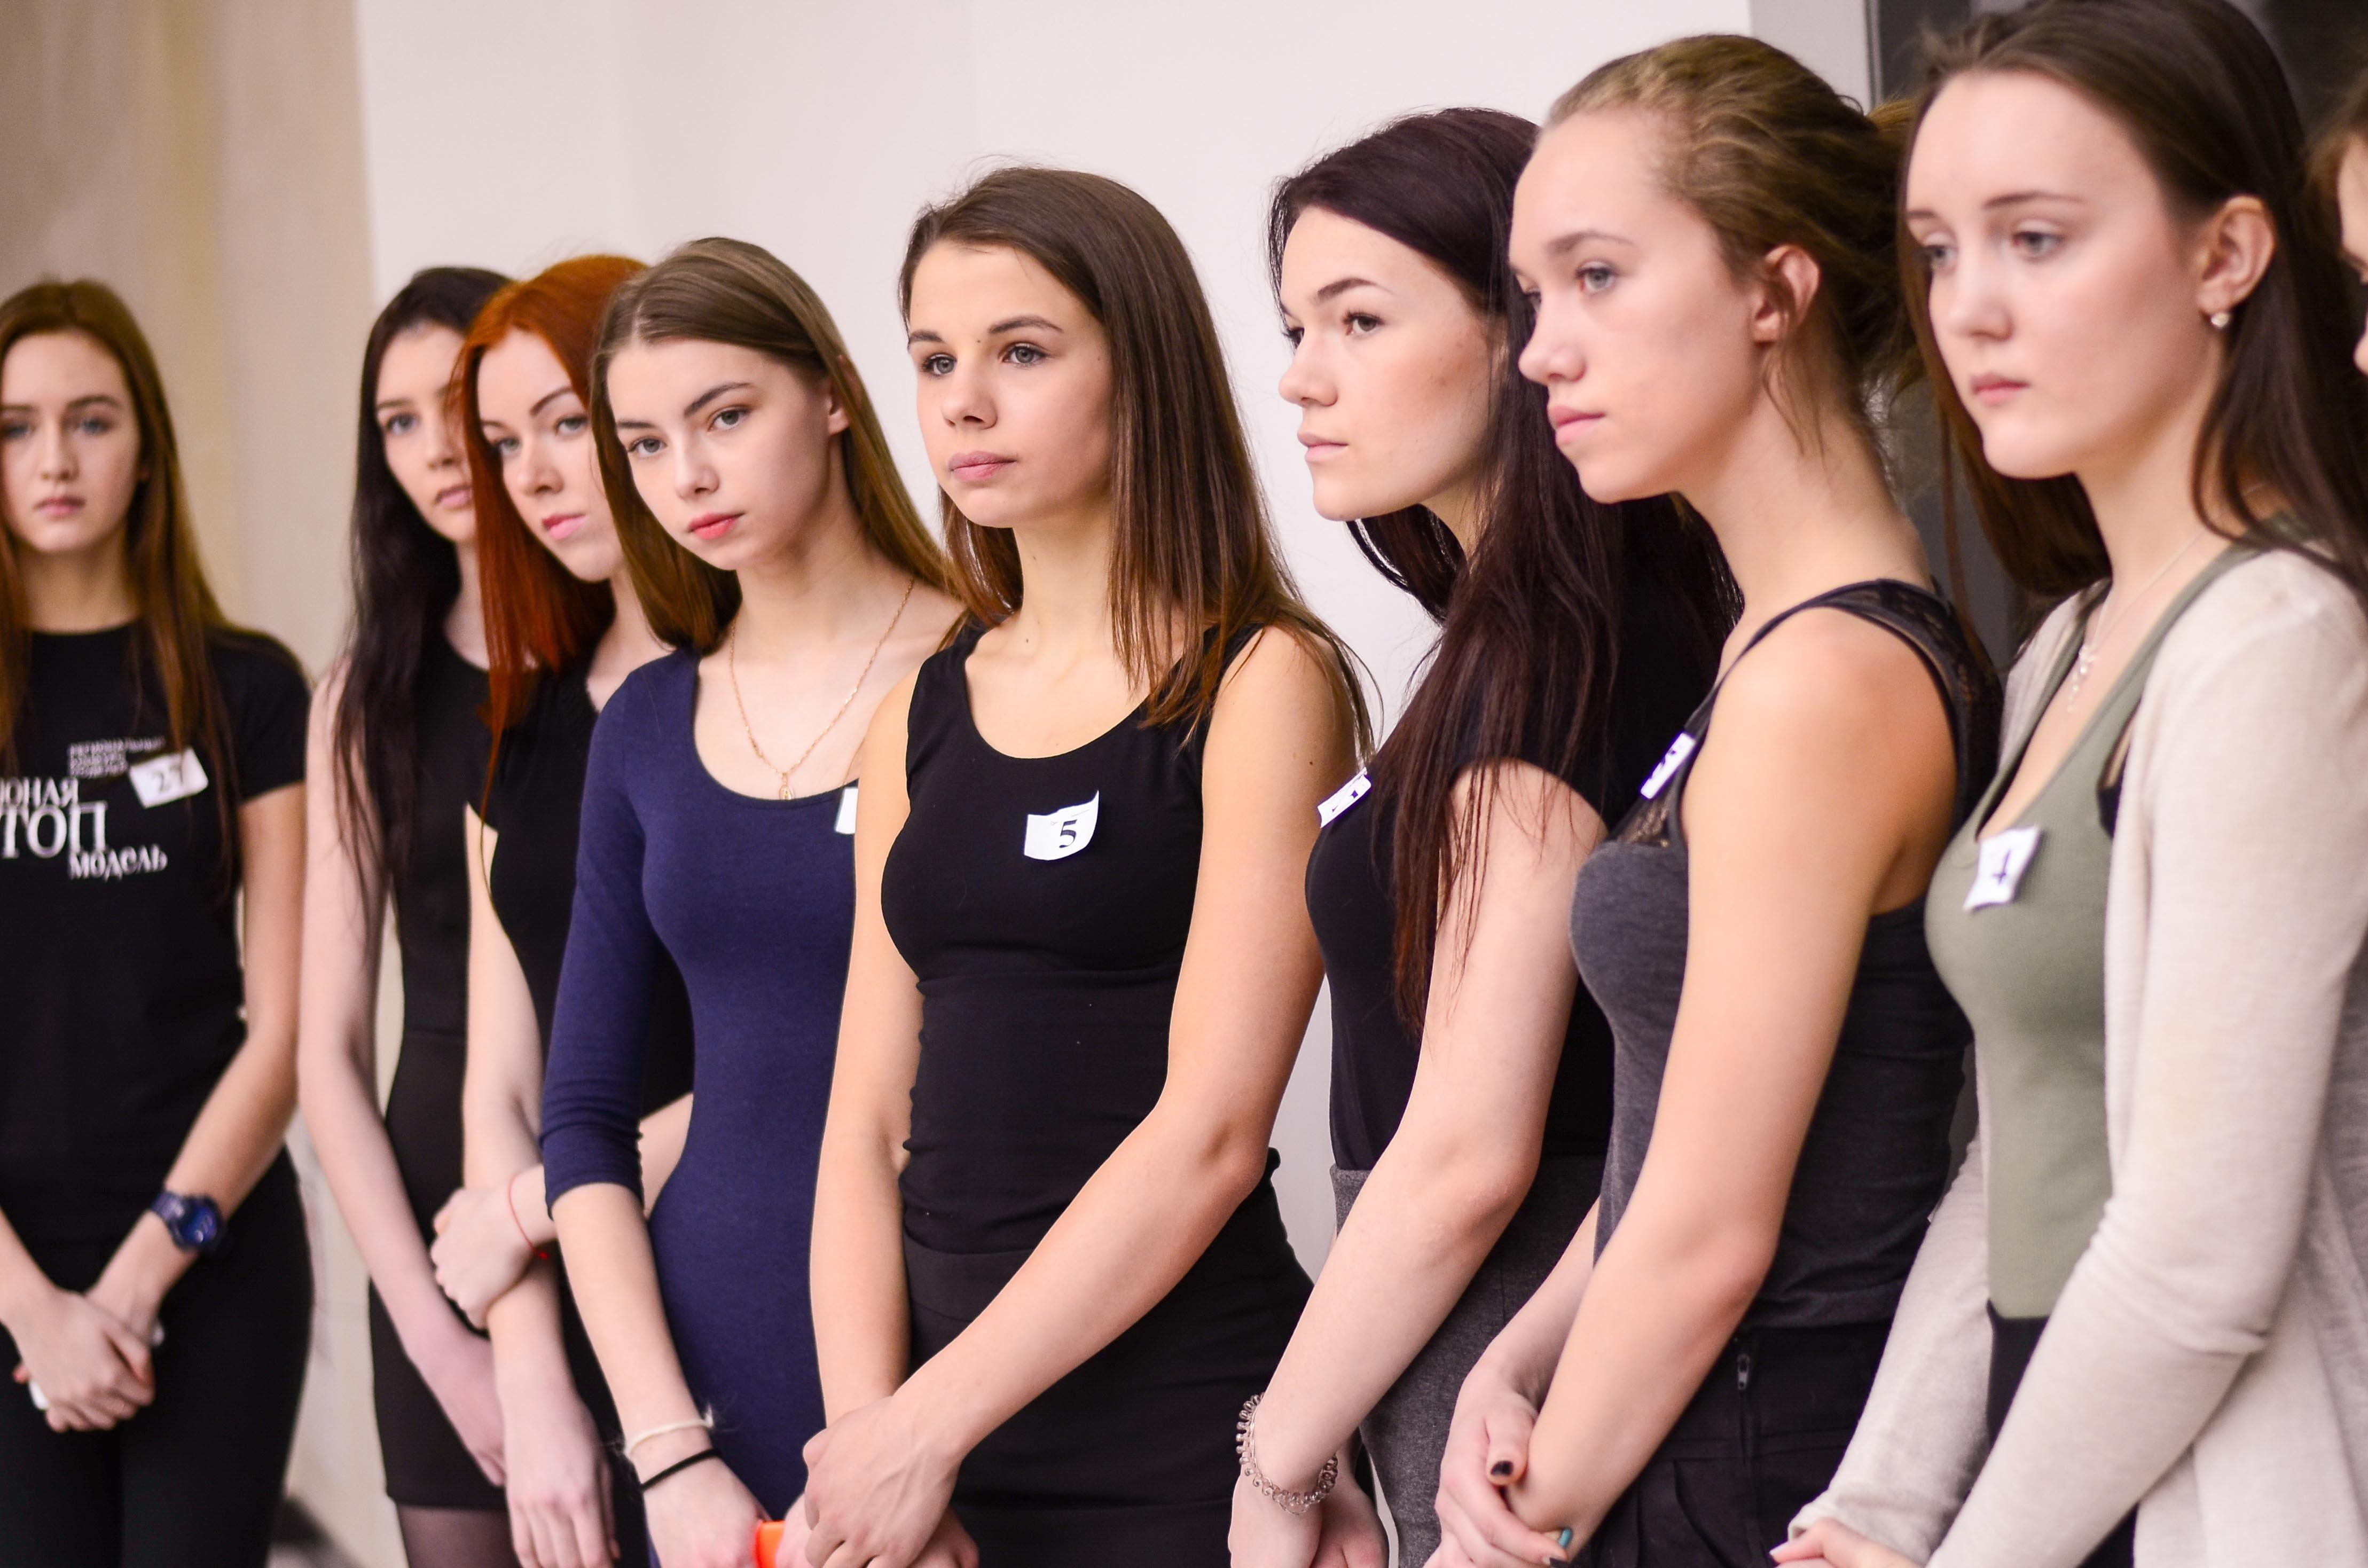 Русская блондинка на кастинге, Порно видео онлайн: БлондинкиКастинг 23 фотография